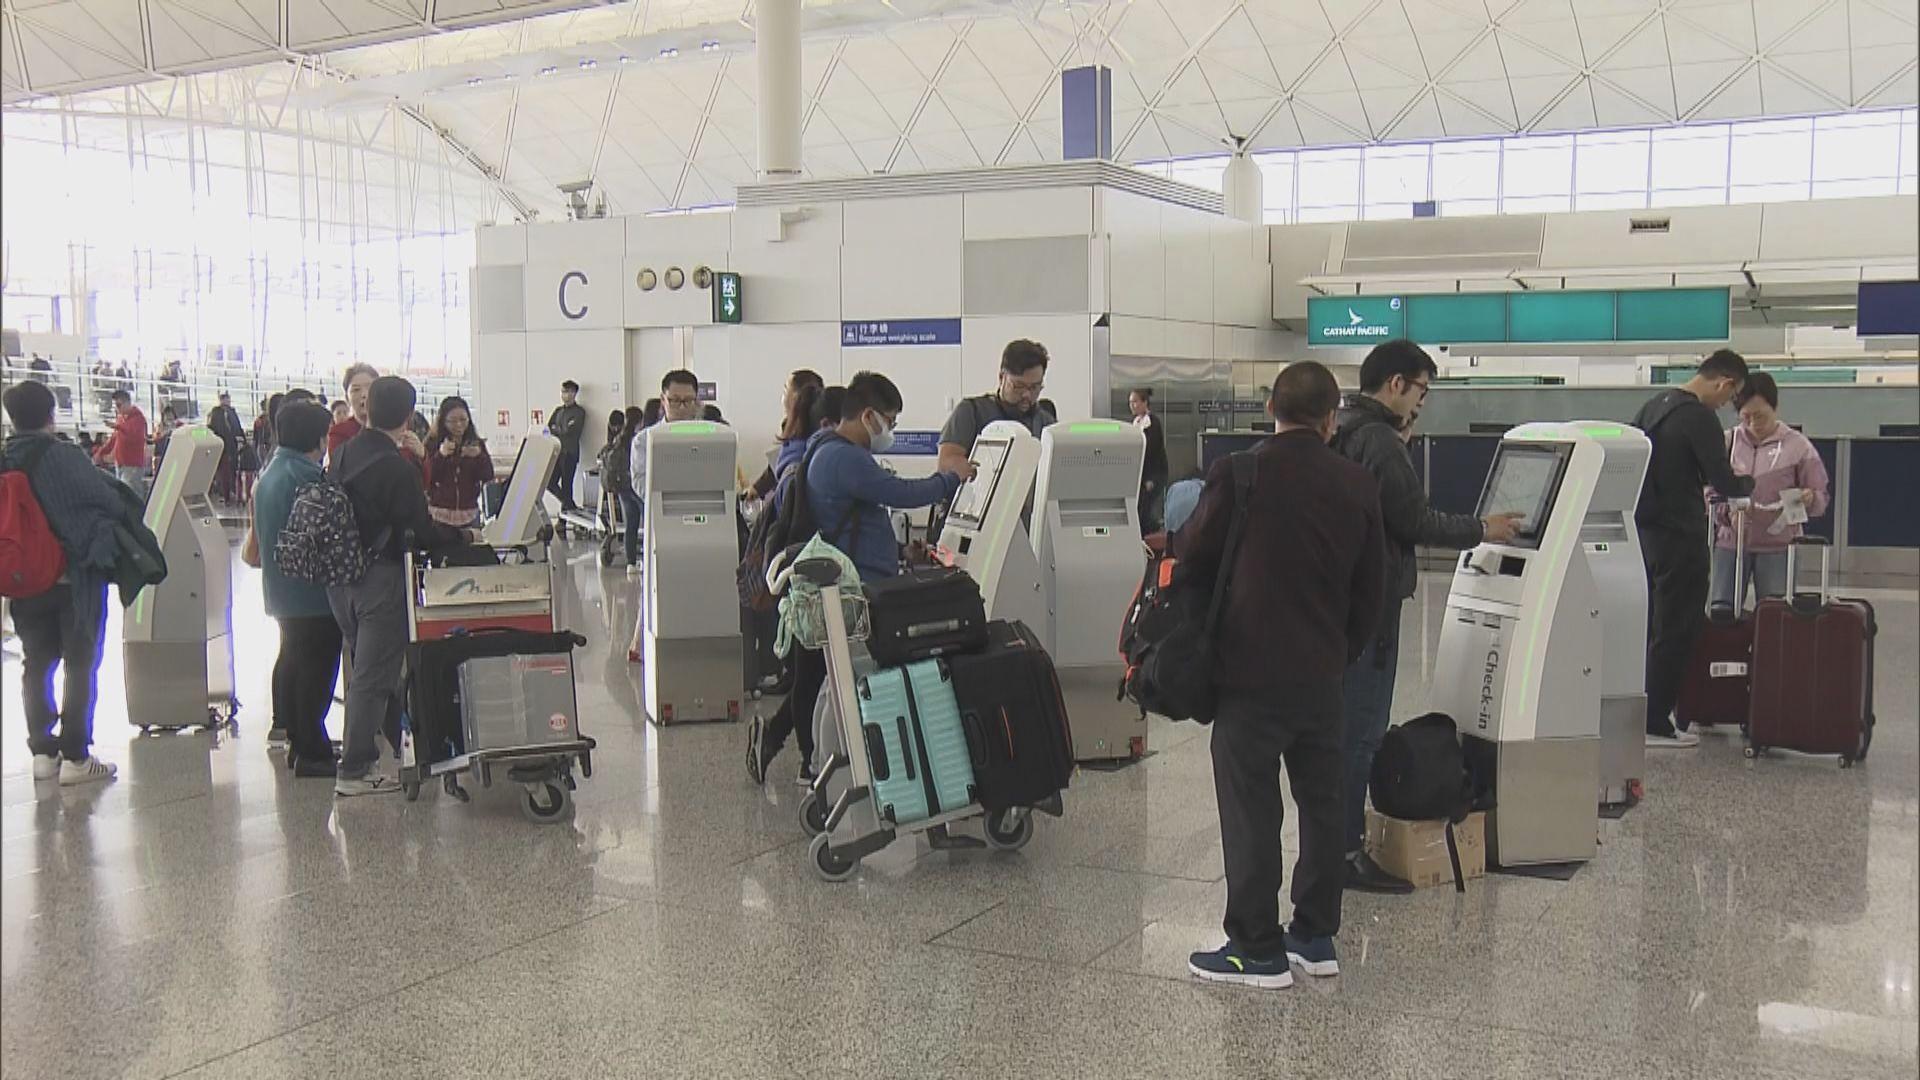 專家認為麻疹在機場已形成傳播鏈